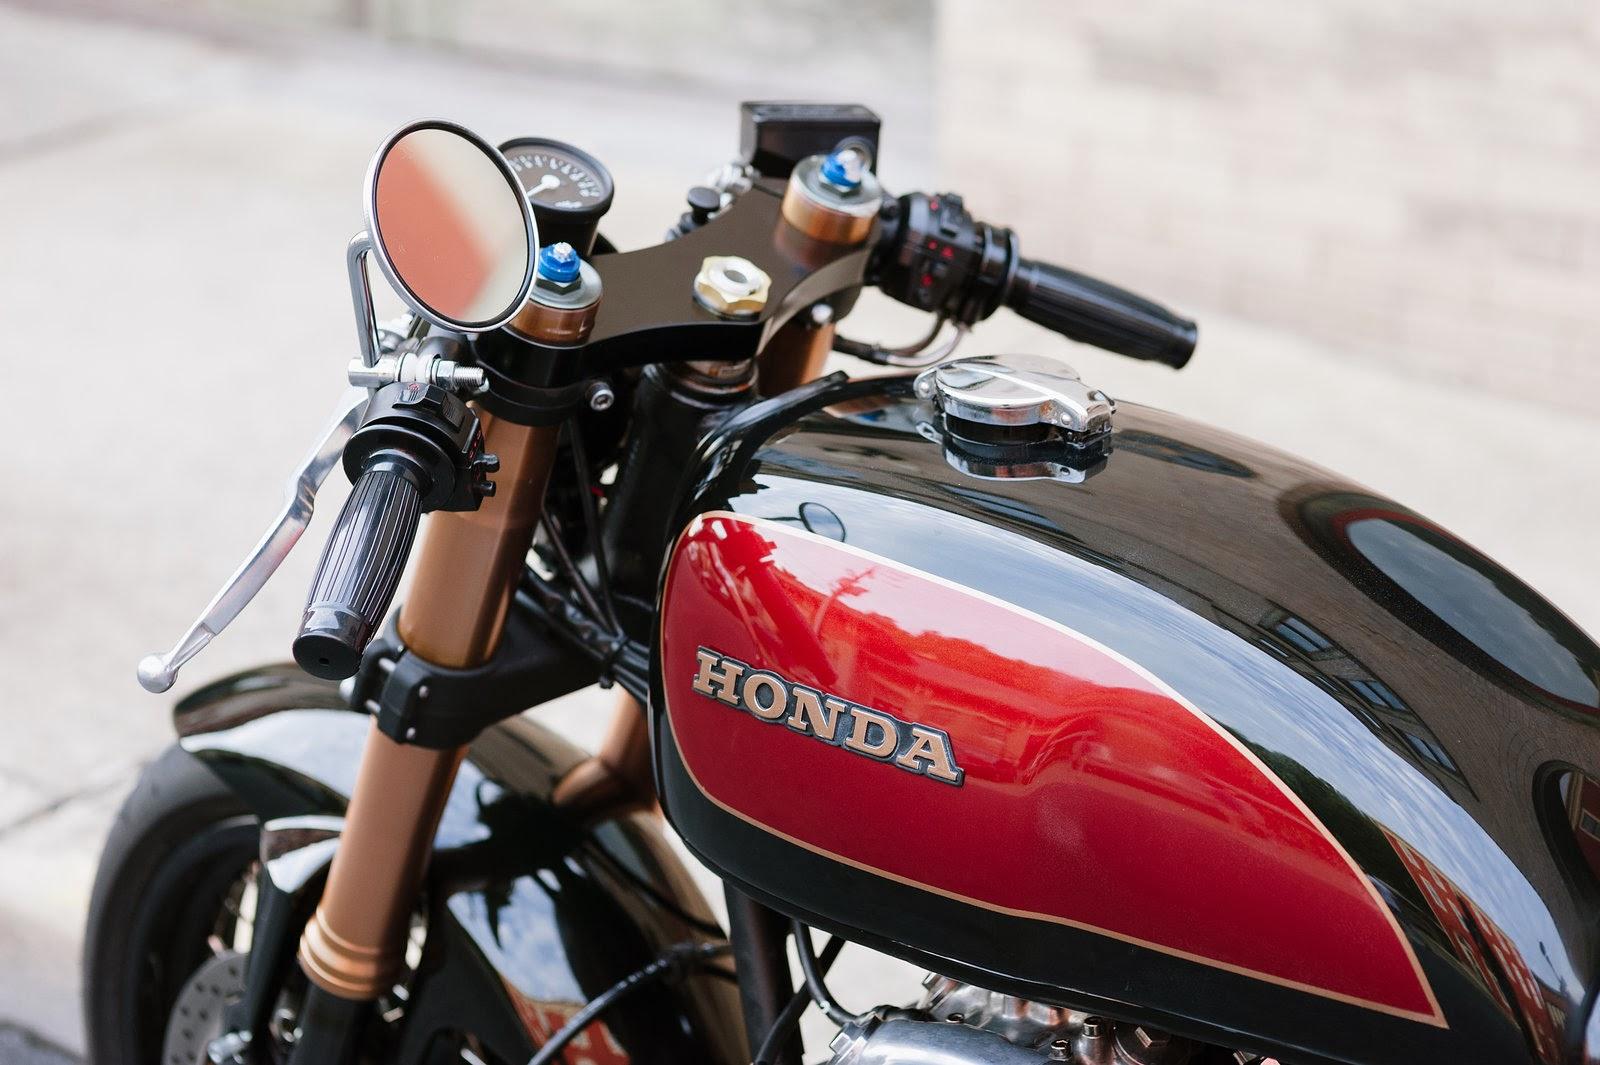 Racing Caf U00e8  Honda Cb 550 Caf U00e8 Racer By Cognito Moto